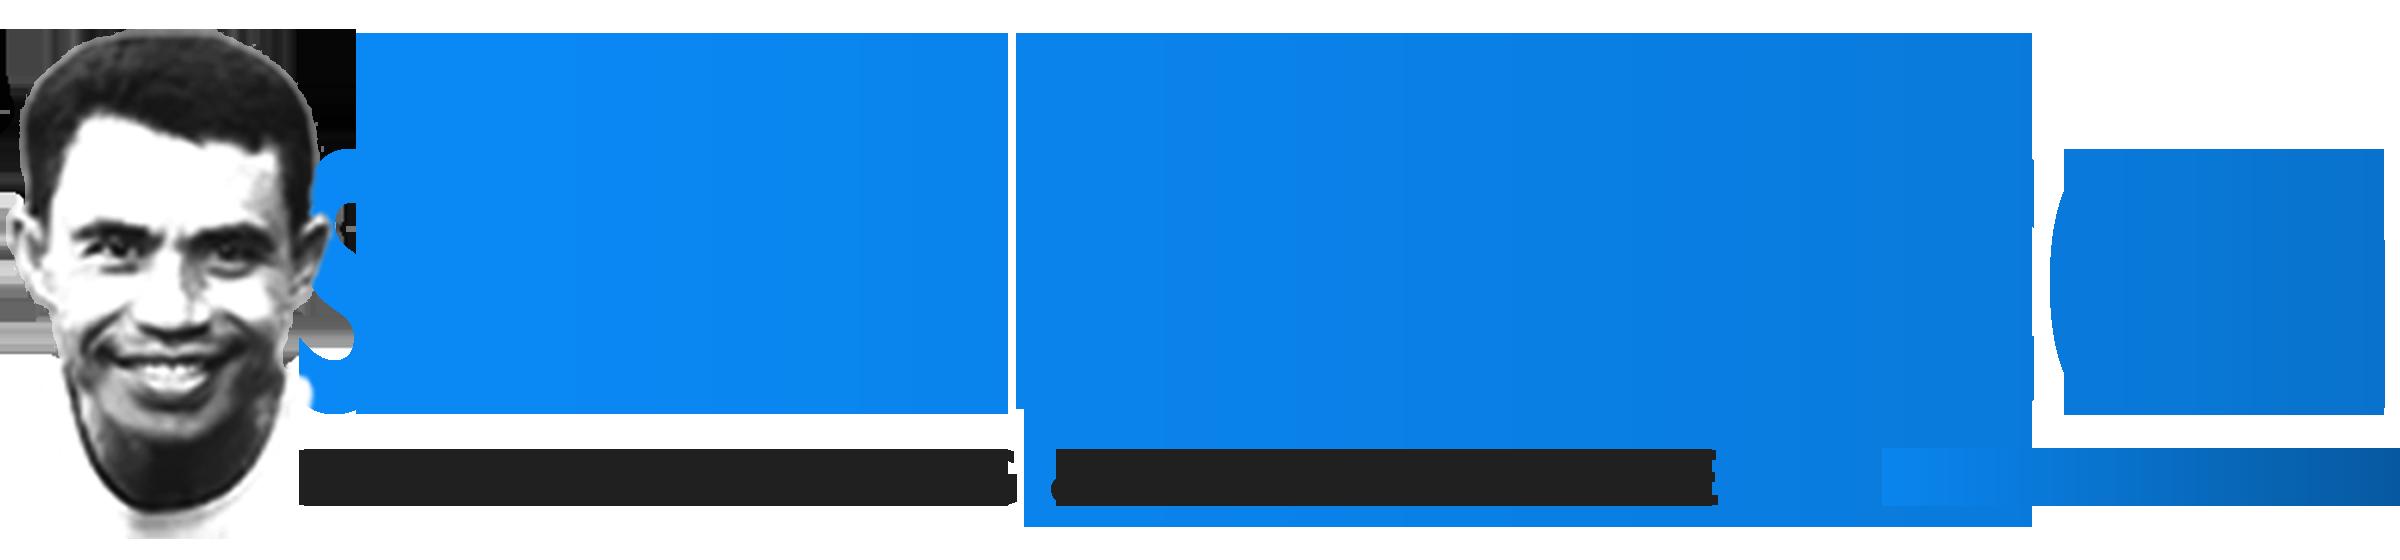 www,samuelbirding.com